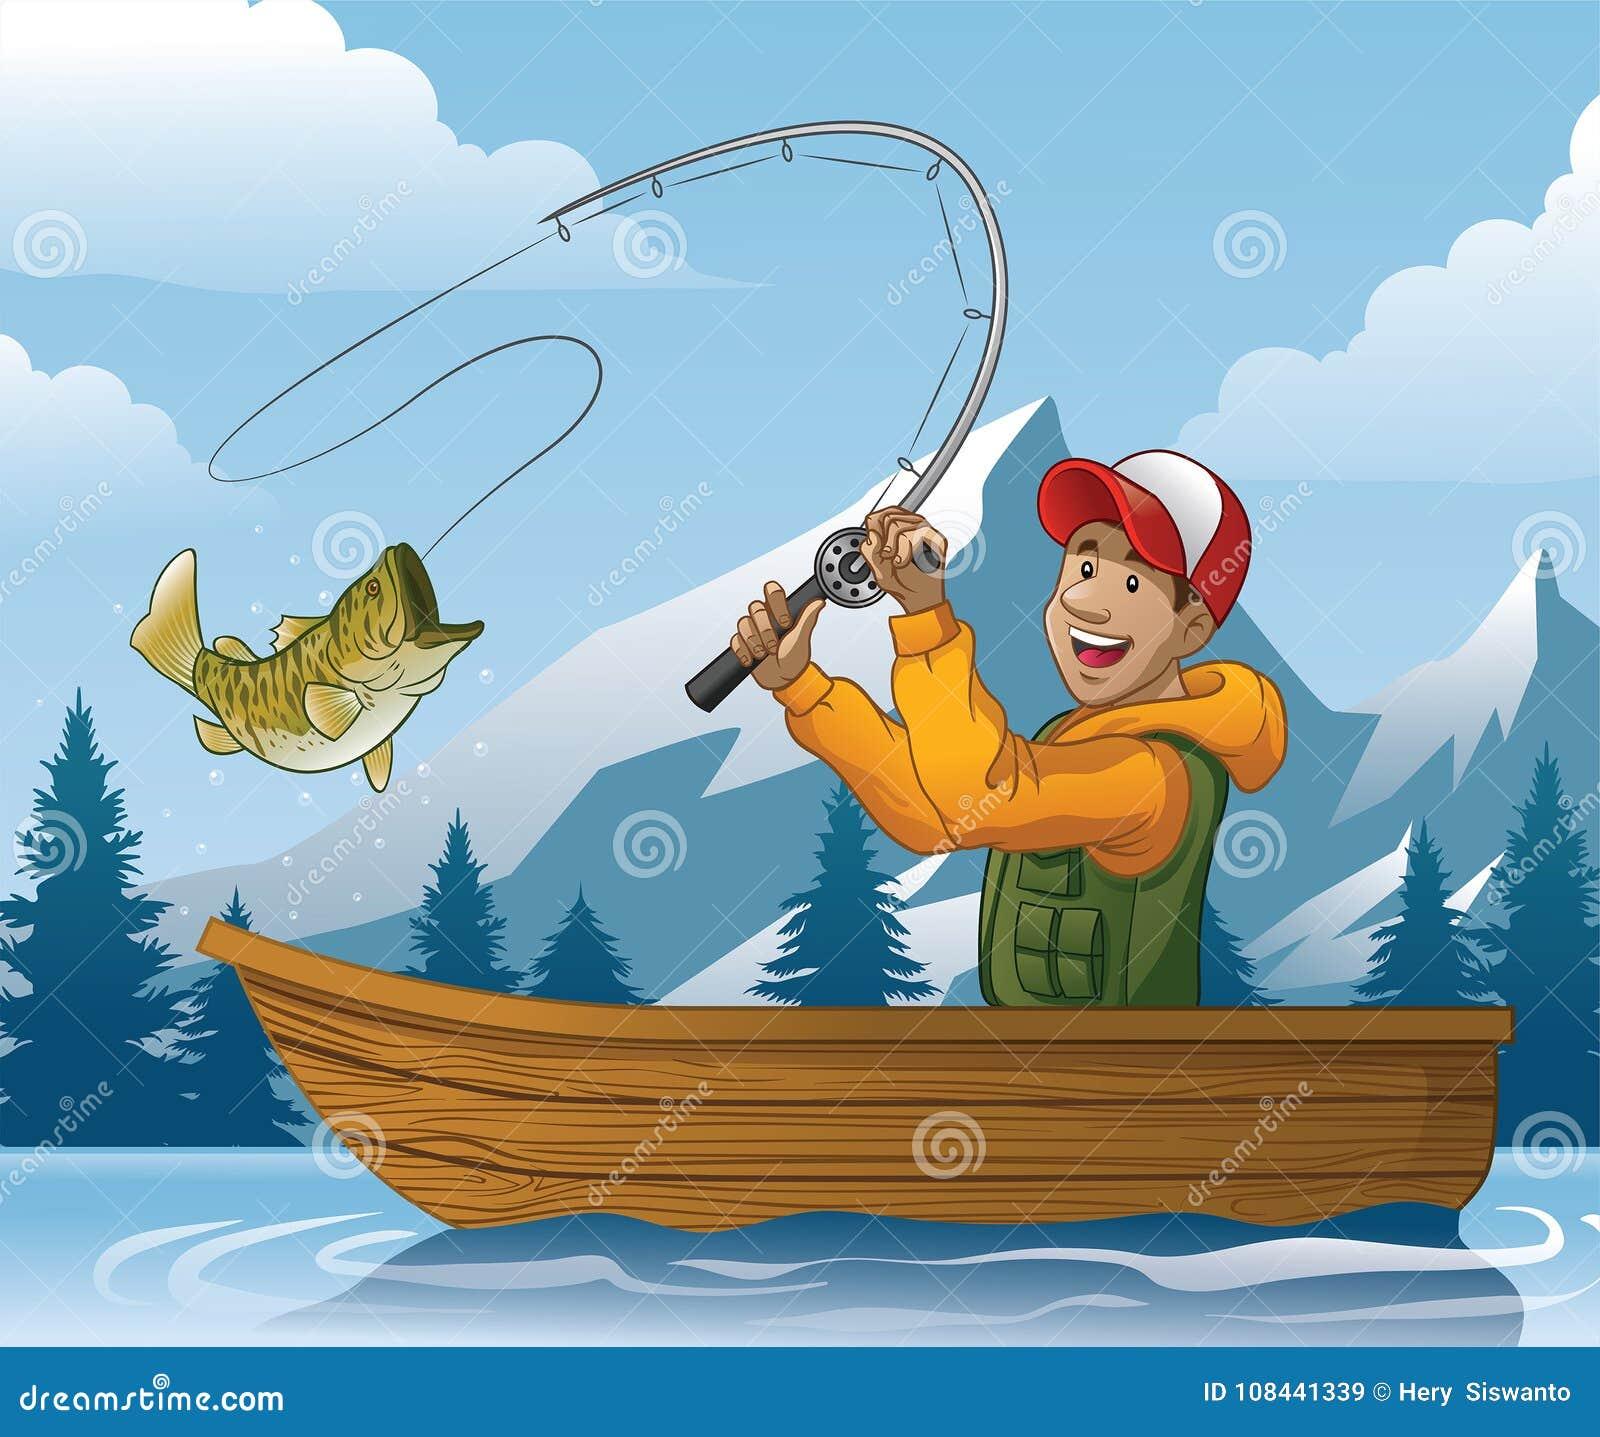 Desenhos Animados Da Pesca Do Homem No Barco Ilustracao Do Vetor